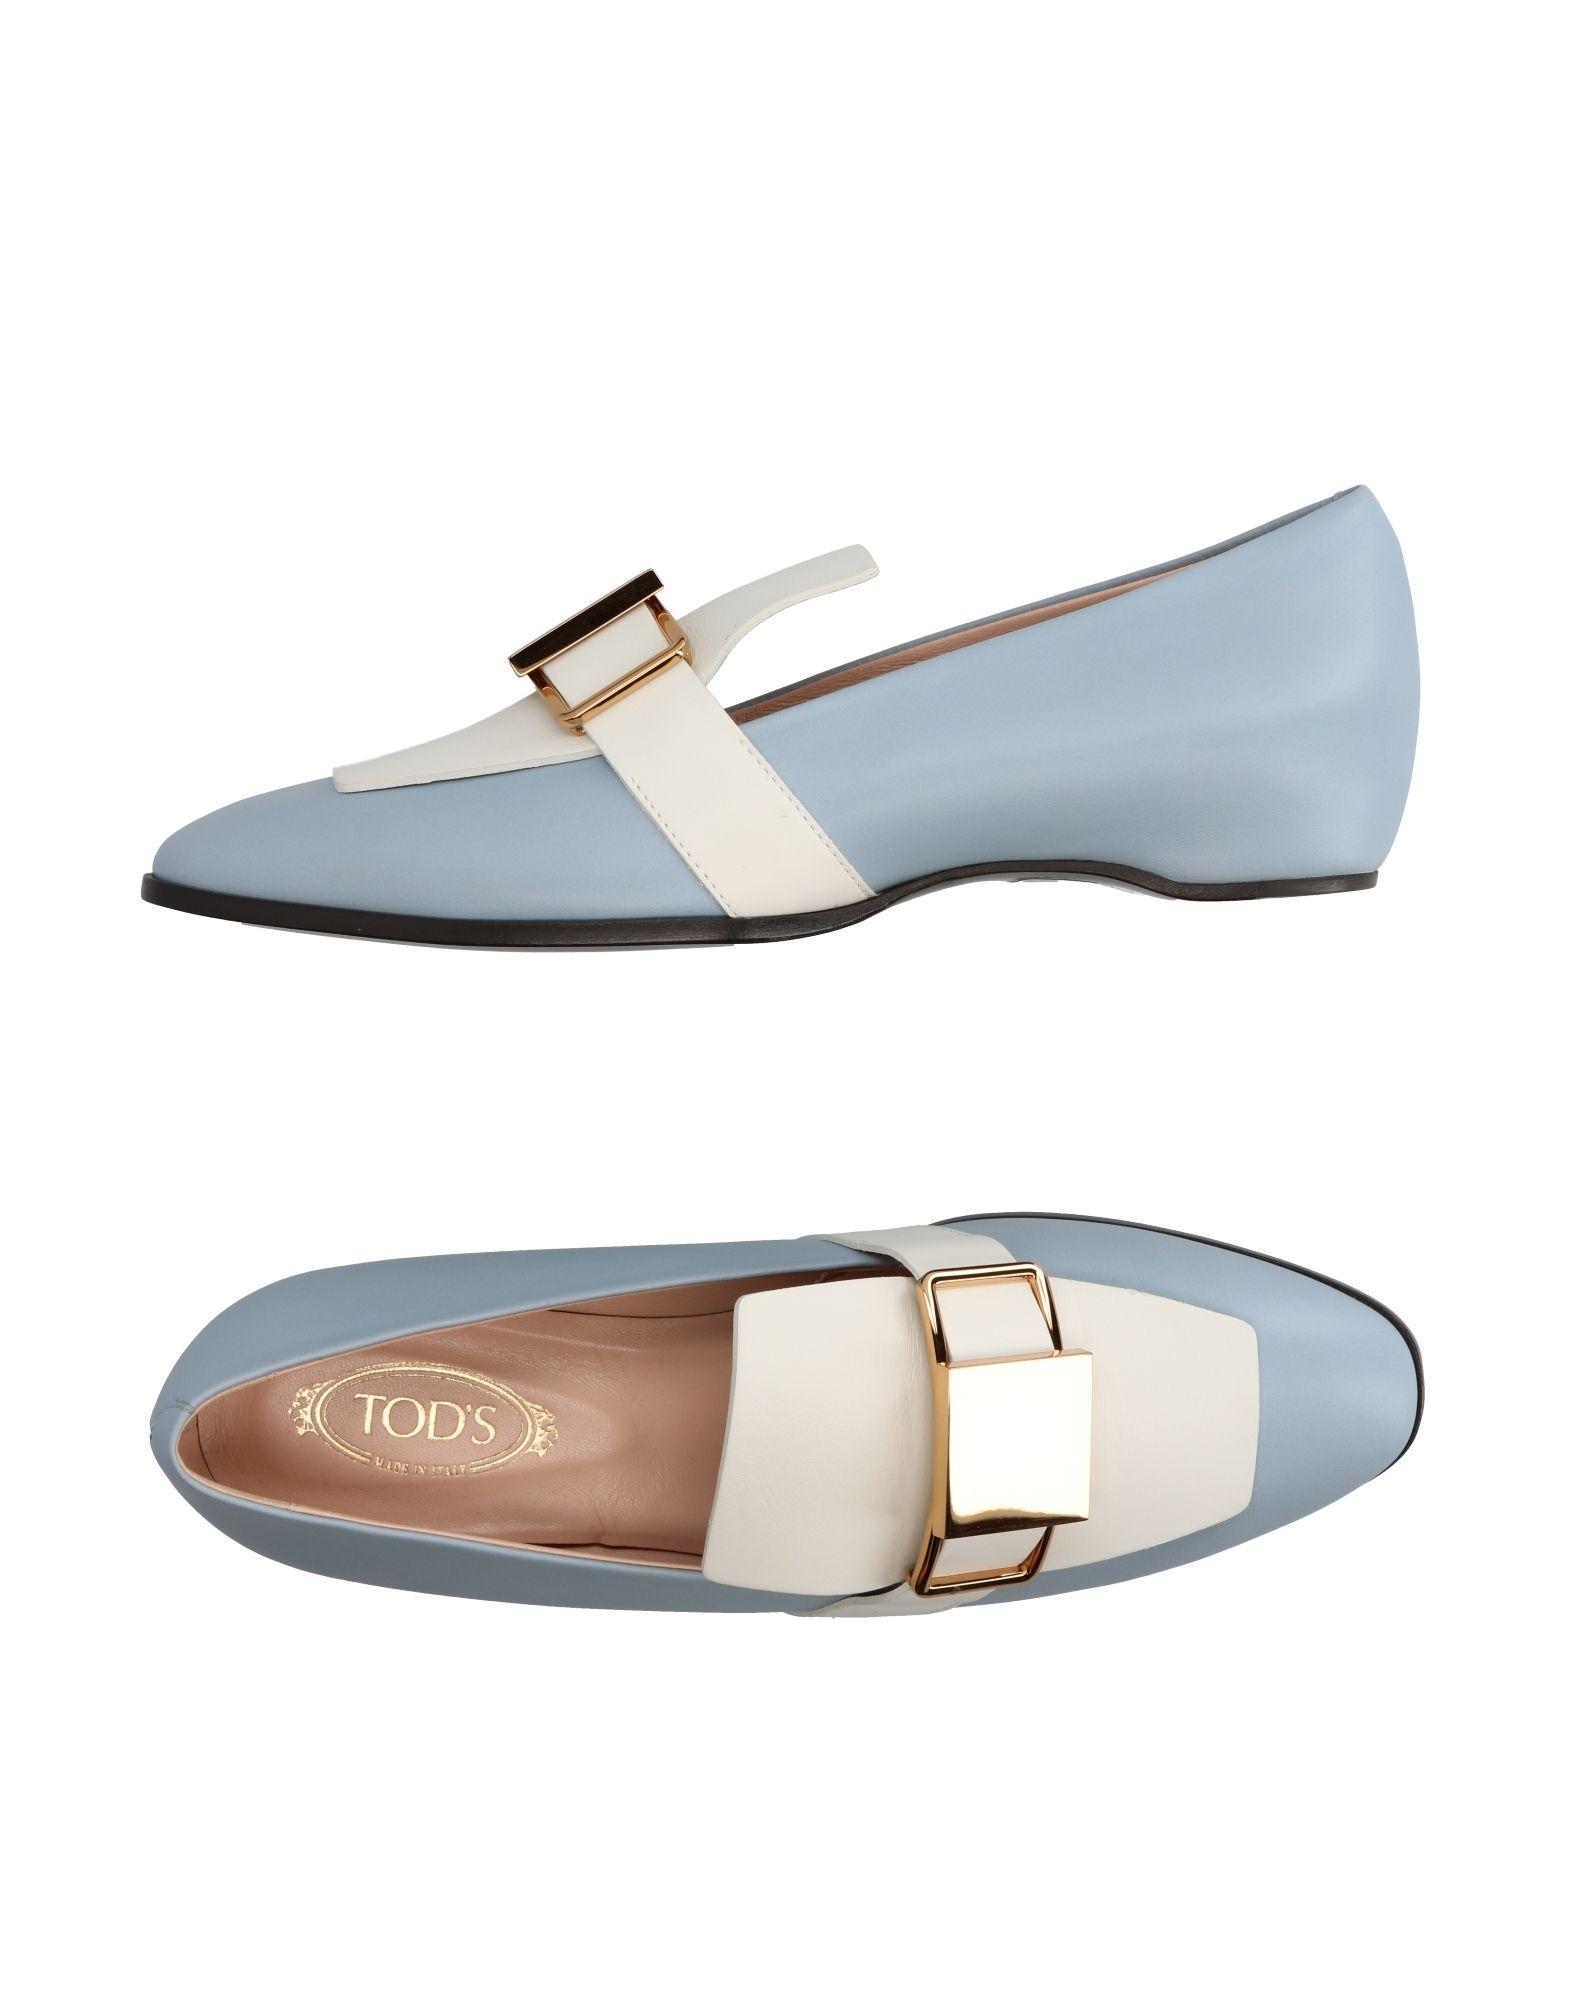 Tod's Mokassins Damen  11300573LKGünstige gut aussehende Schuhe